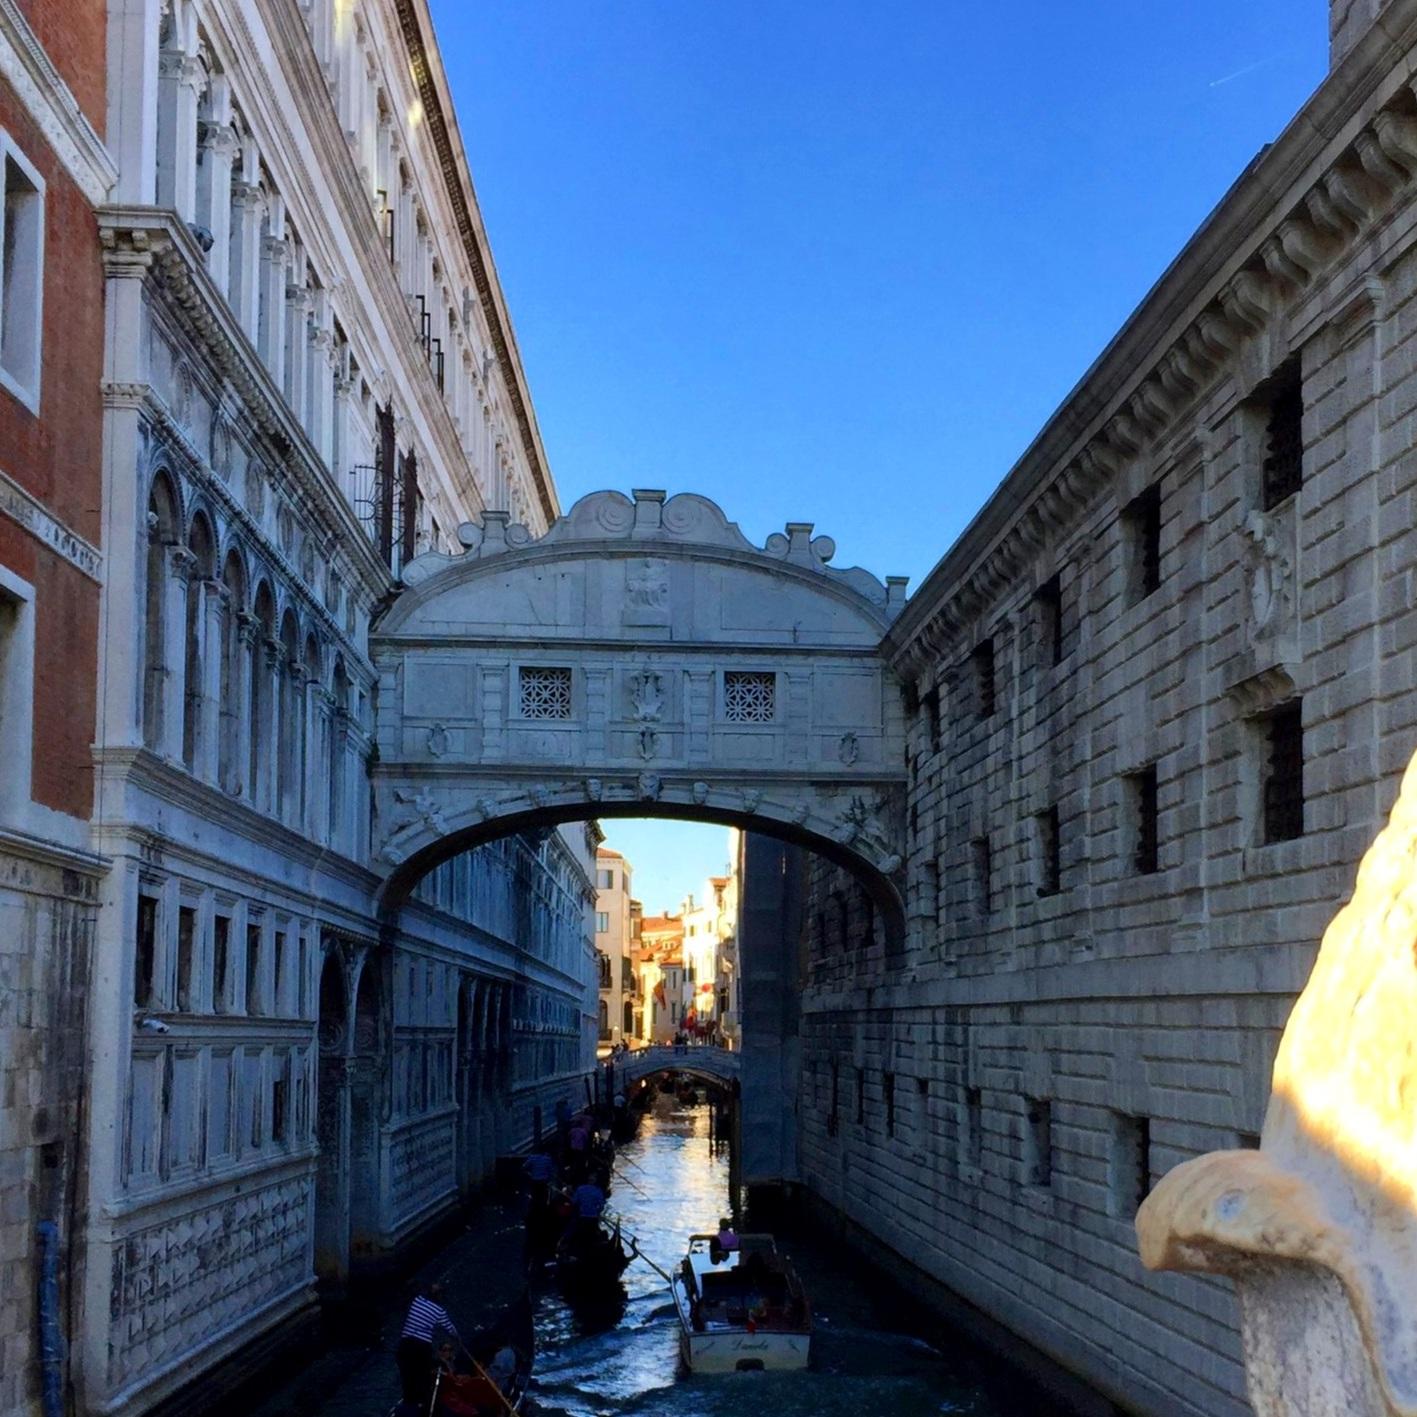 Bridge of Sighs - Riva degli Schiavoni